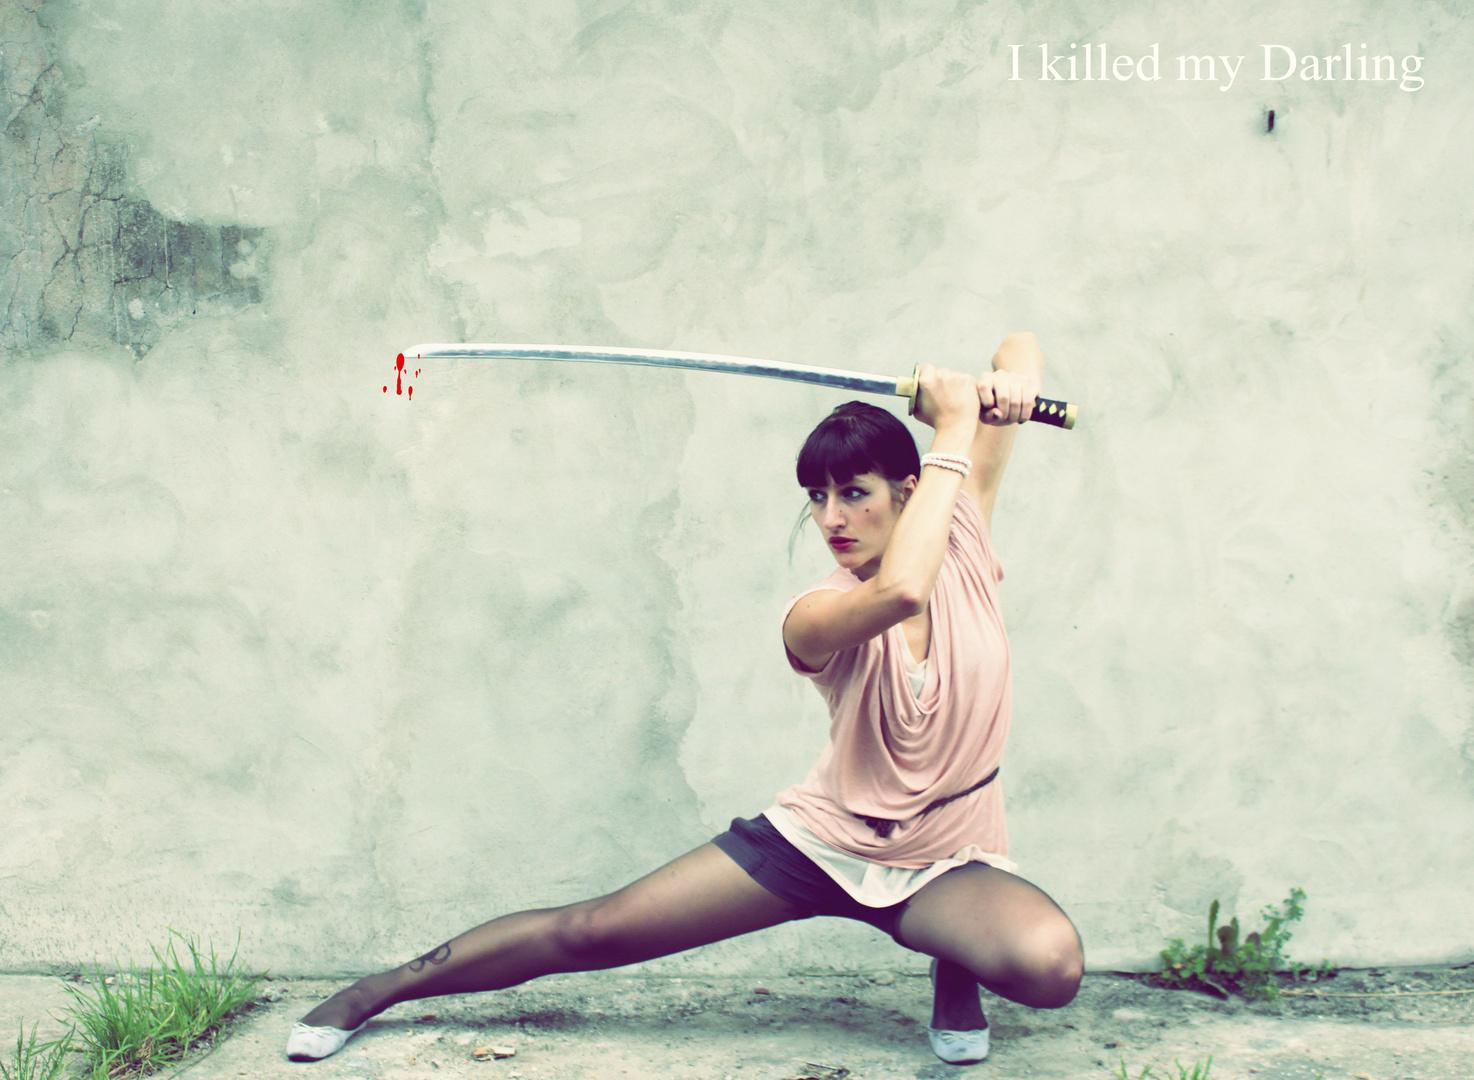 Kill my darling